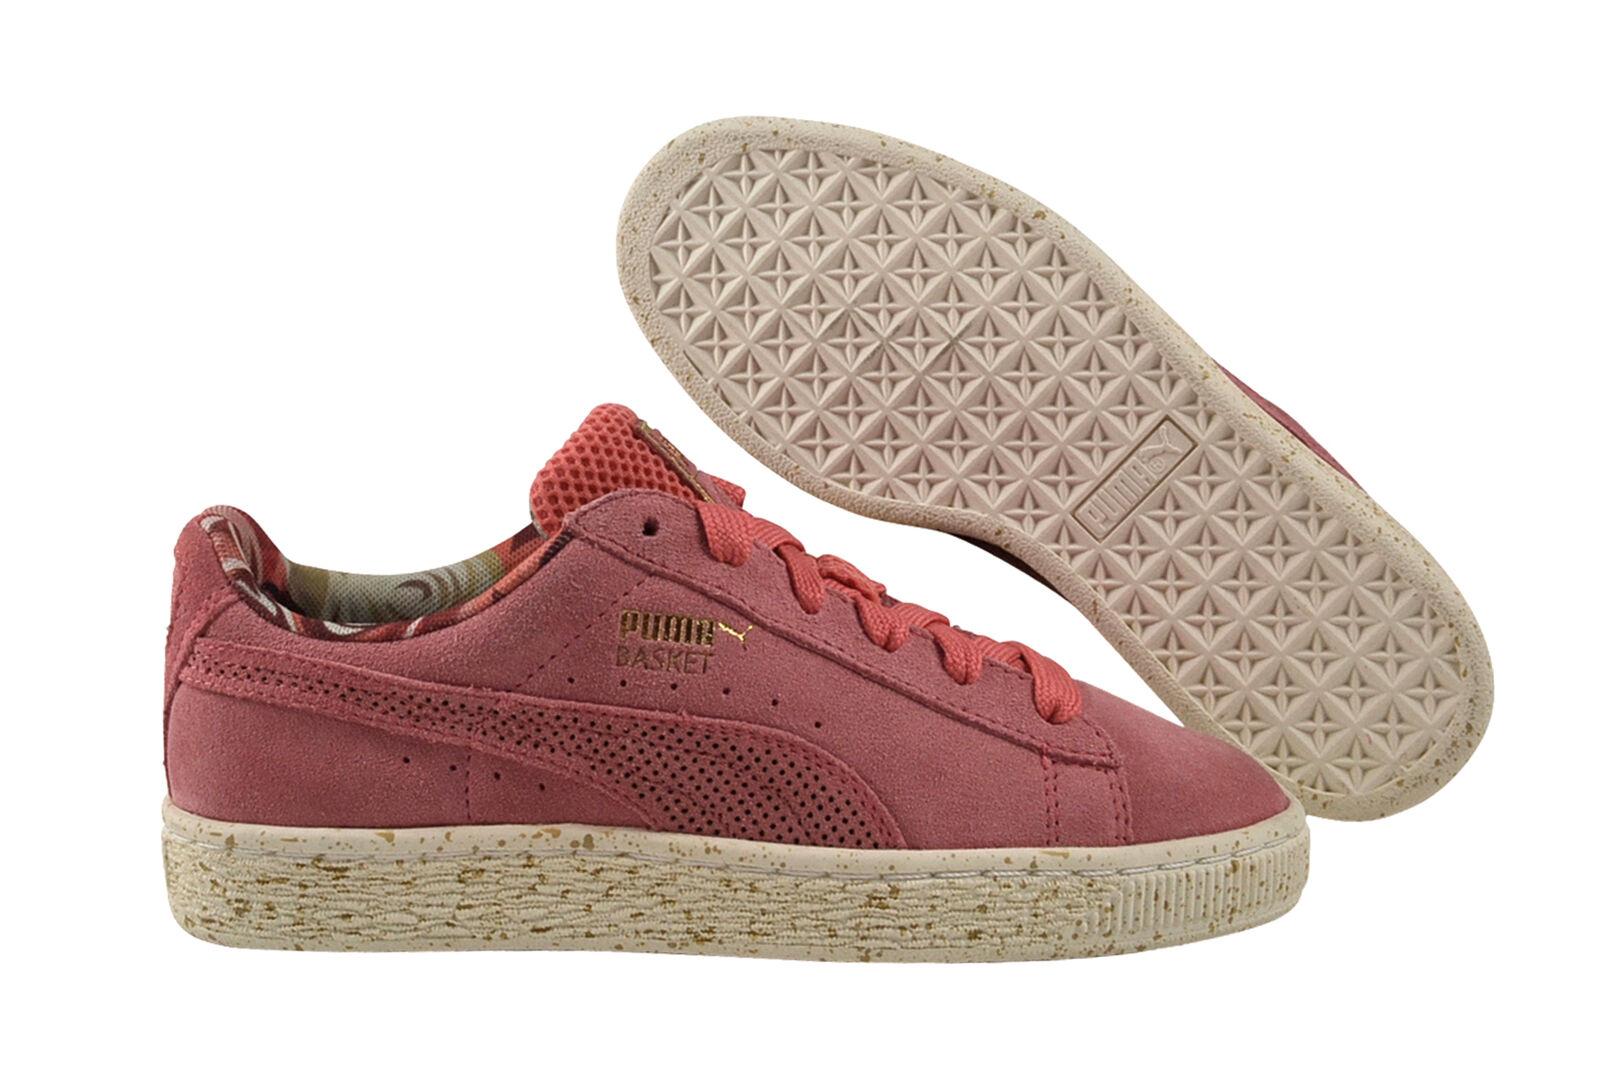 Puma Basket Suede x x Suede careaux x rosado porcelain rosado cortos zapatos rosadodo 362307 01 79fa96